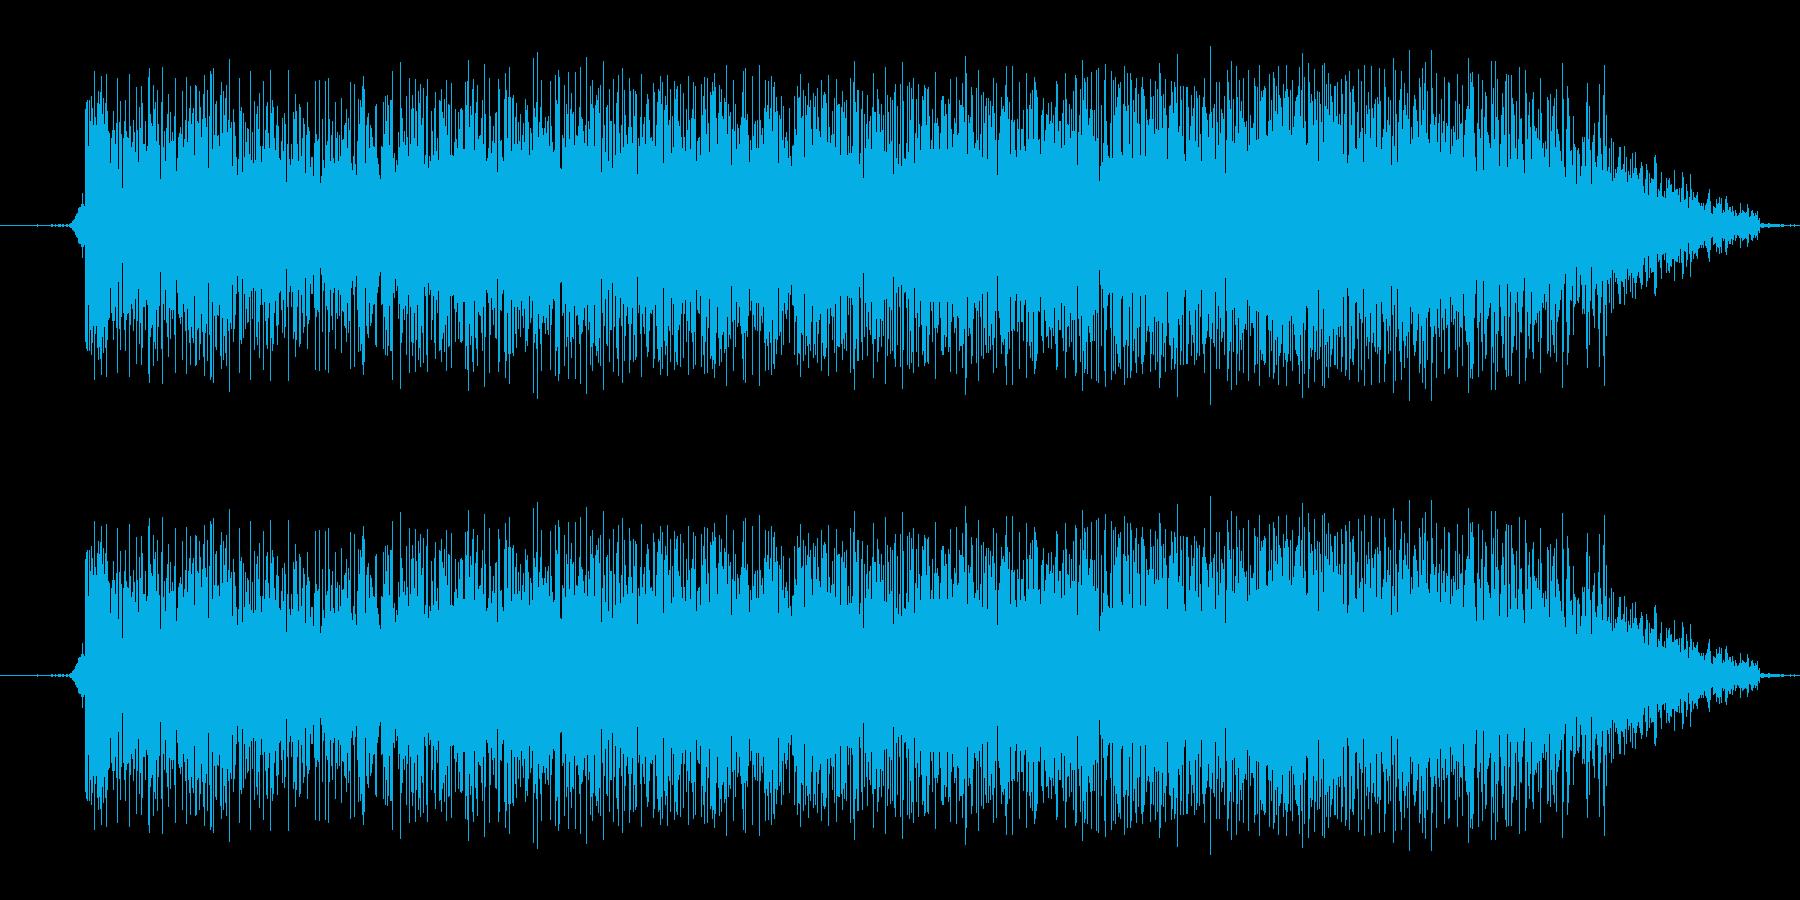 【★効果音/スプレー/しゅ~/アプリ】の再生済みの波形